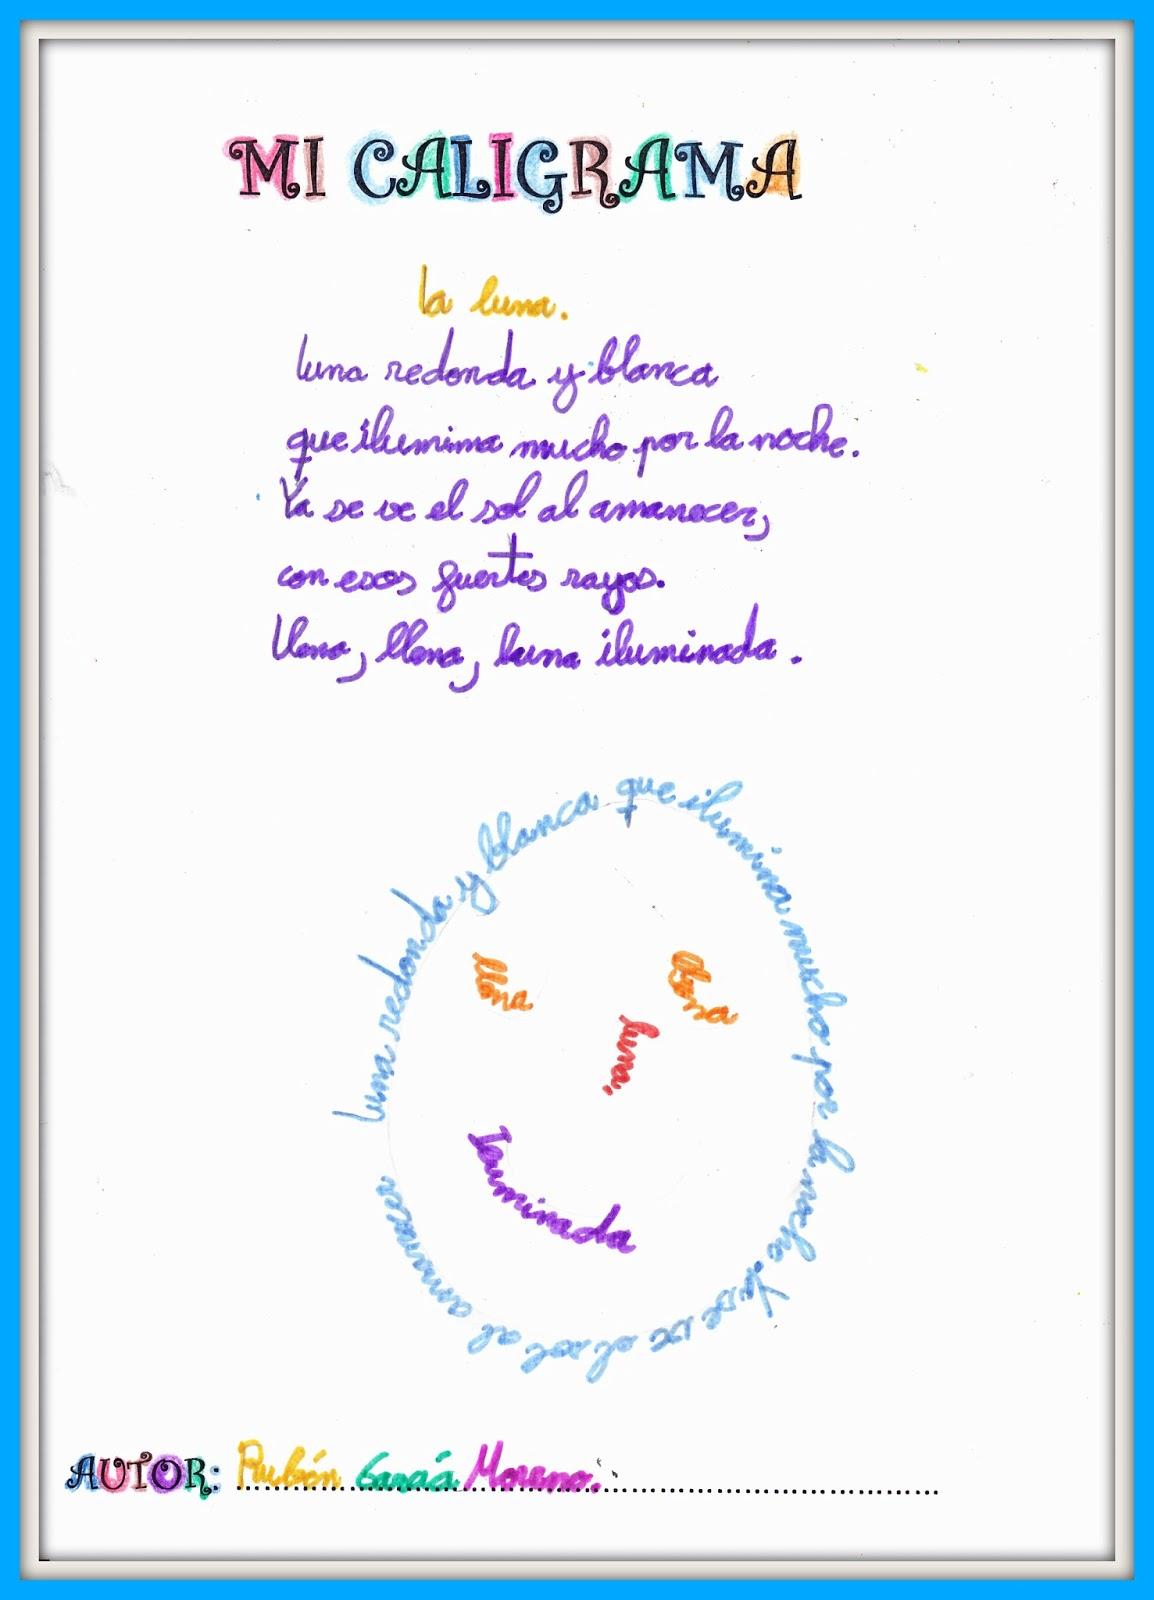 Poemas de Amor: Poesía a mi colegio